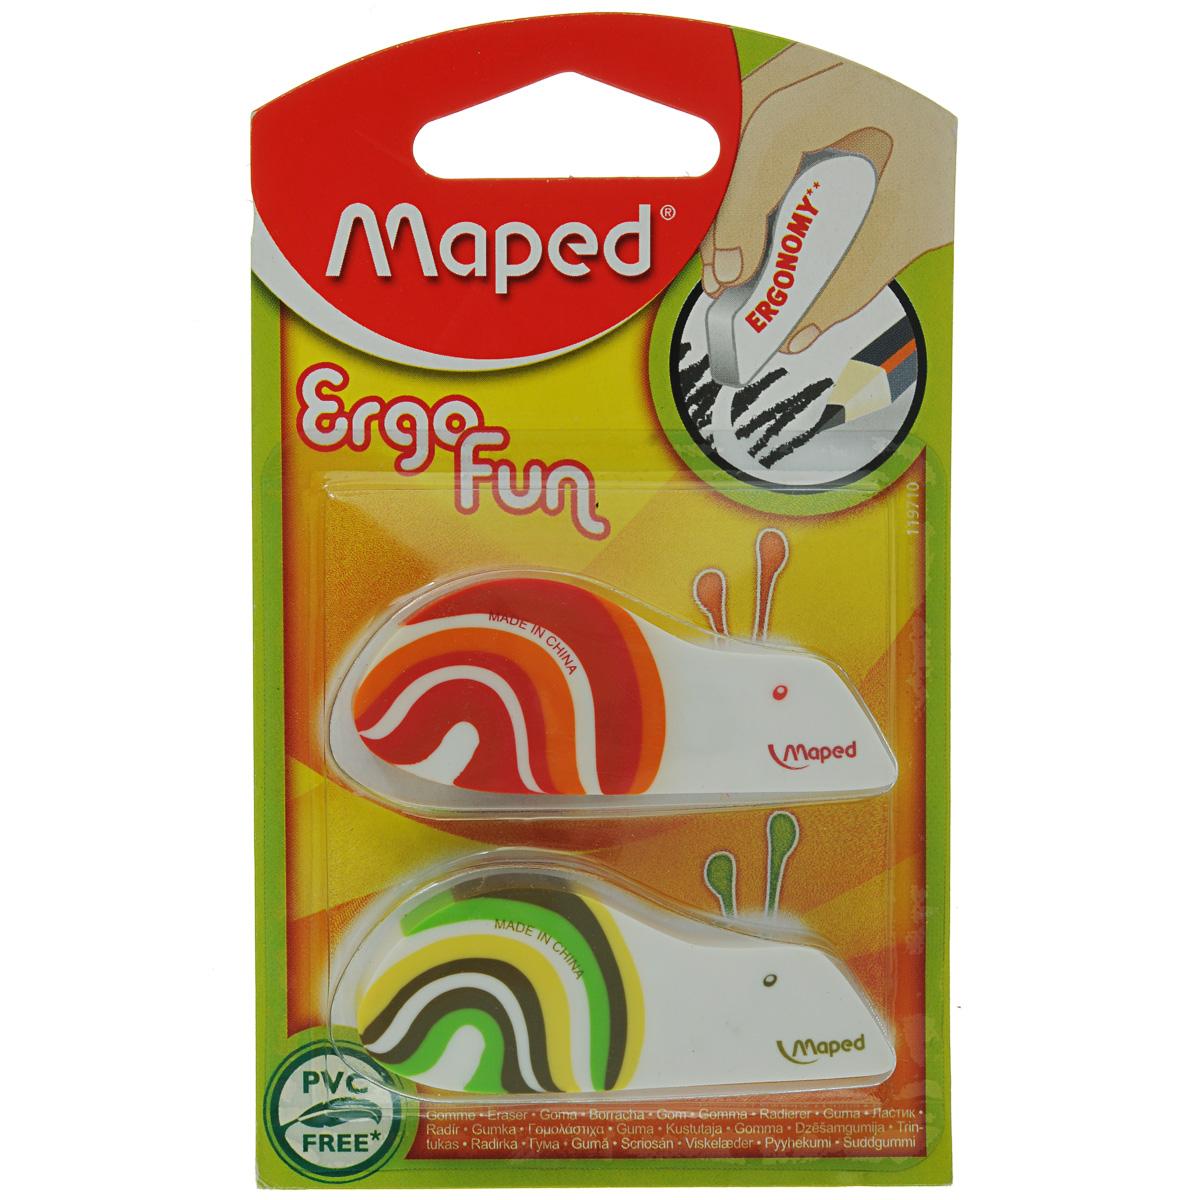 Набор ластиков Maped Ergo Fun, 2 шт119710_зеленый, красныйНабор ластиков Maped Ergo Fun состоит из двух ластиков в виде забавных улиток, выполненных из экологически чистого каучука. Эргономичная форма ластика удобна для детских рук. Удобная форма обеспечивает точное простое стирание тонких и широких линий. Ластики в форме ярких улиток несомненно привлекут внимание и интерес вашего ребенка к процессу обучения.